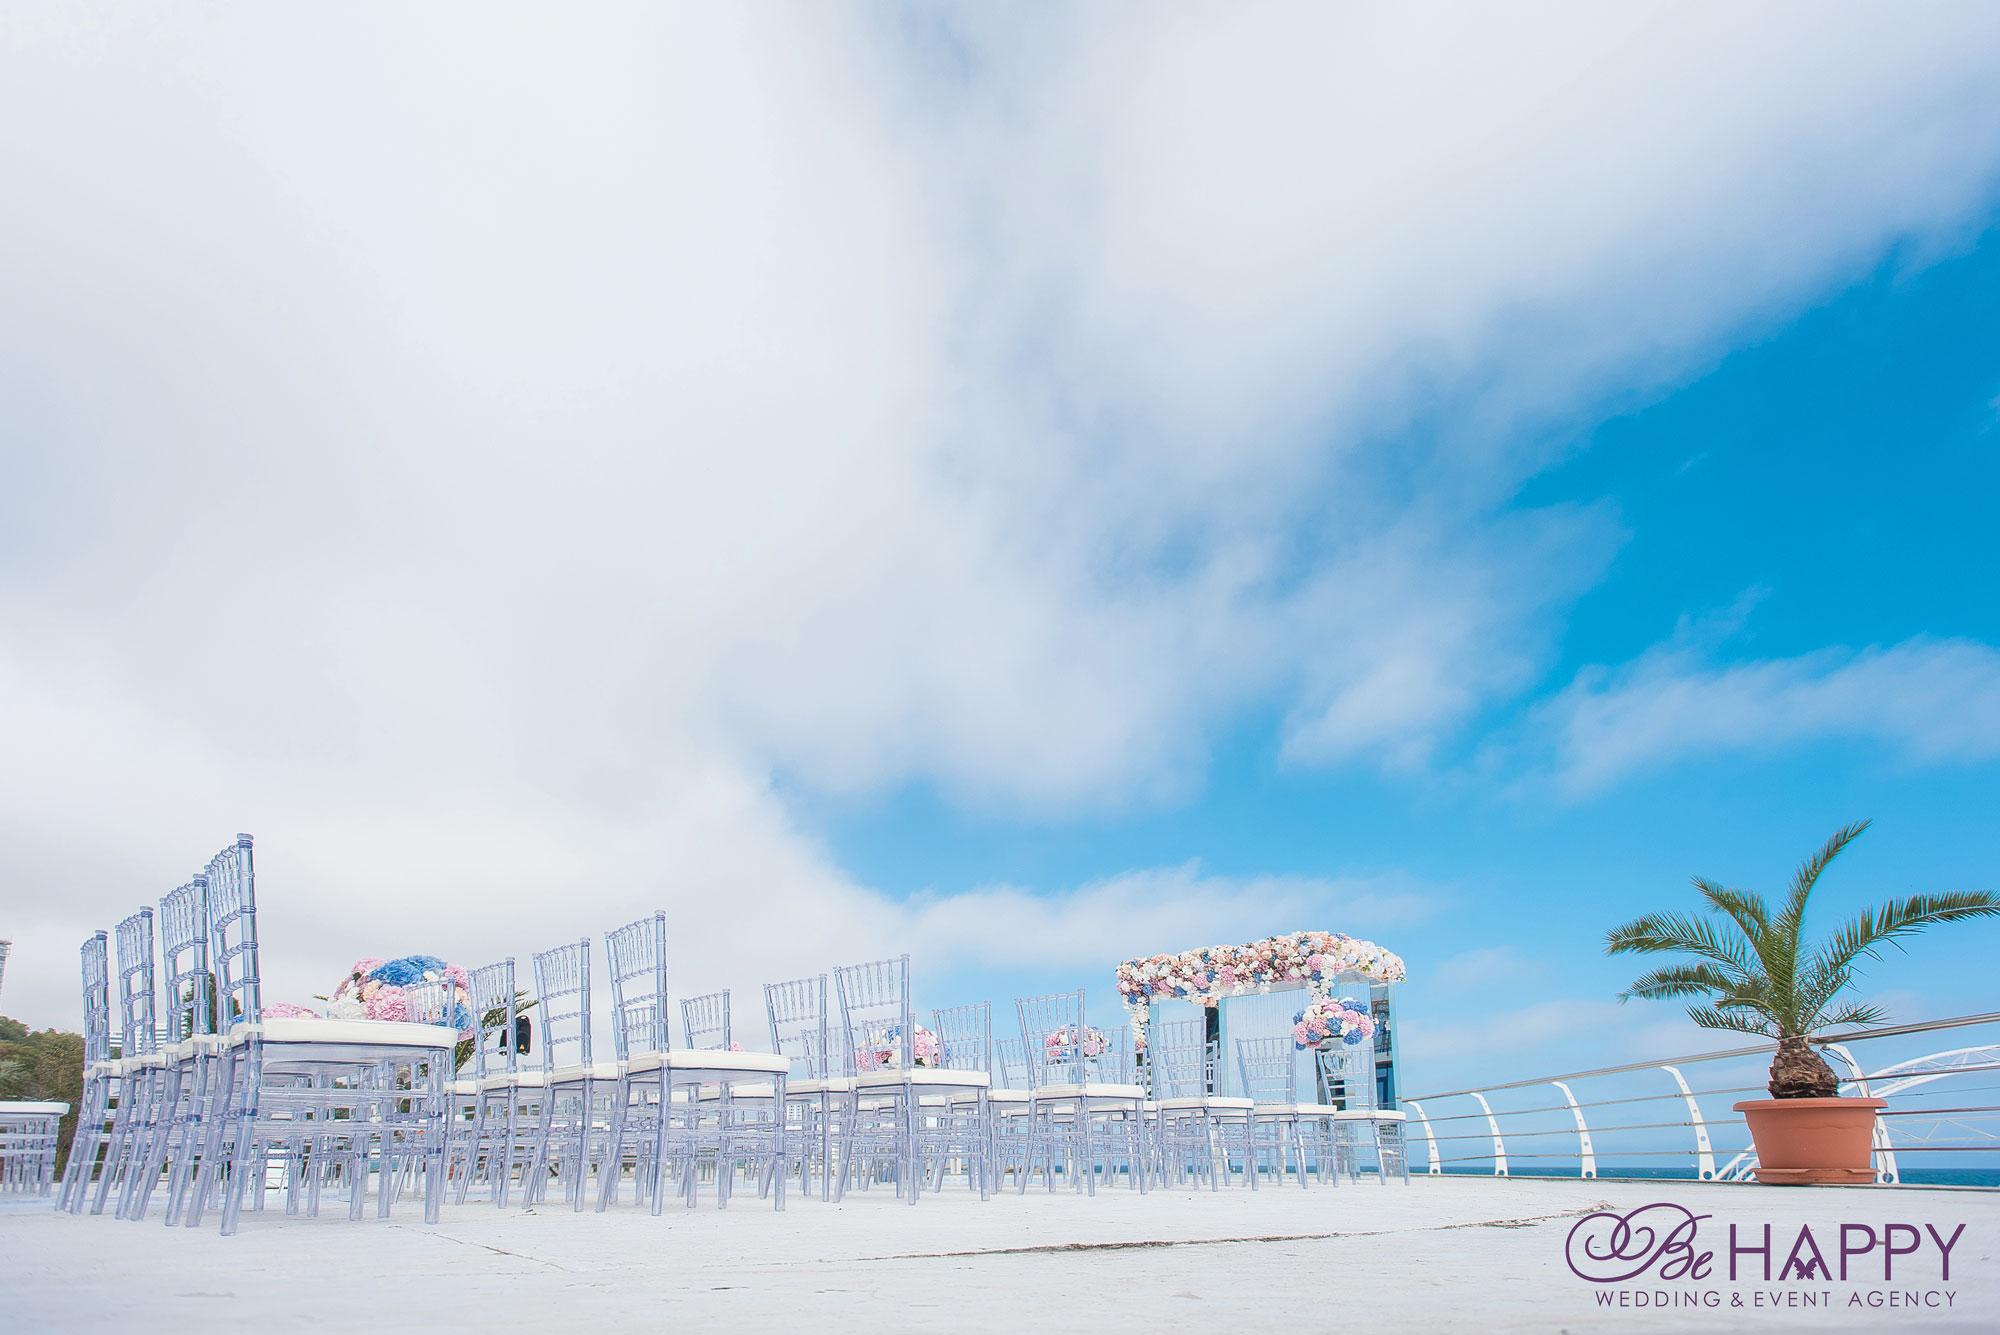 Зона проведения свадебной церемонии места для гостей Би Хеппи